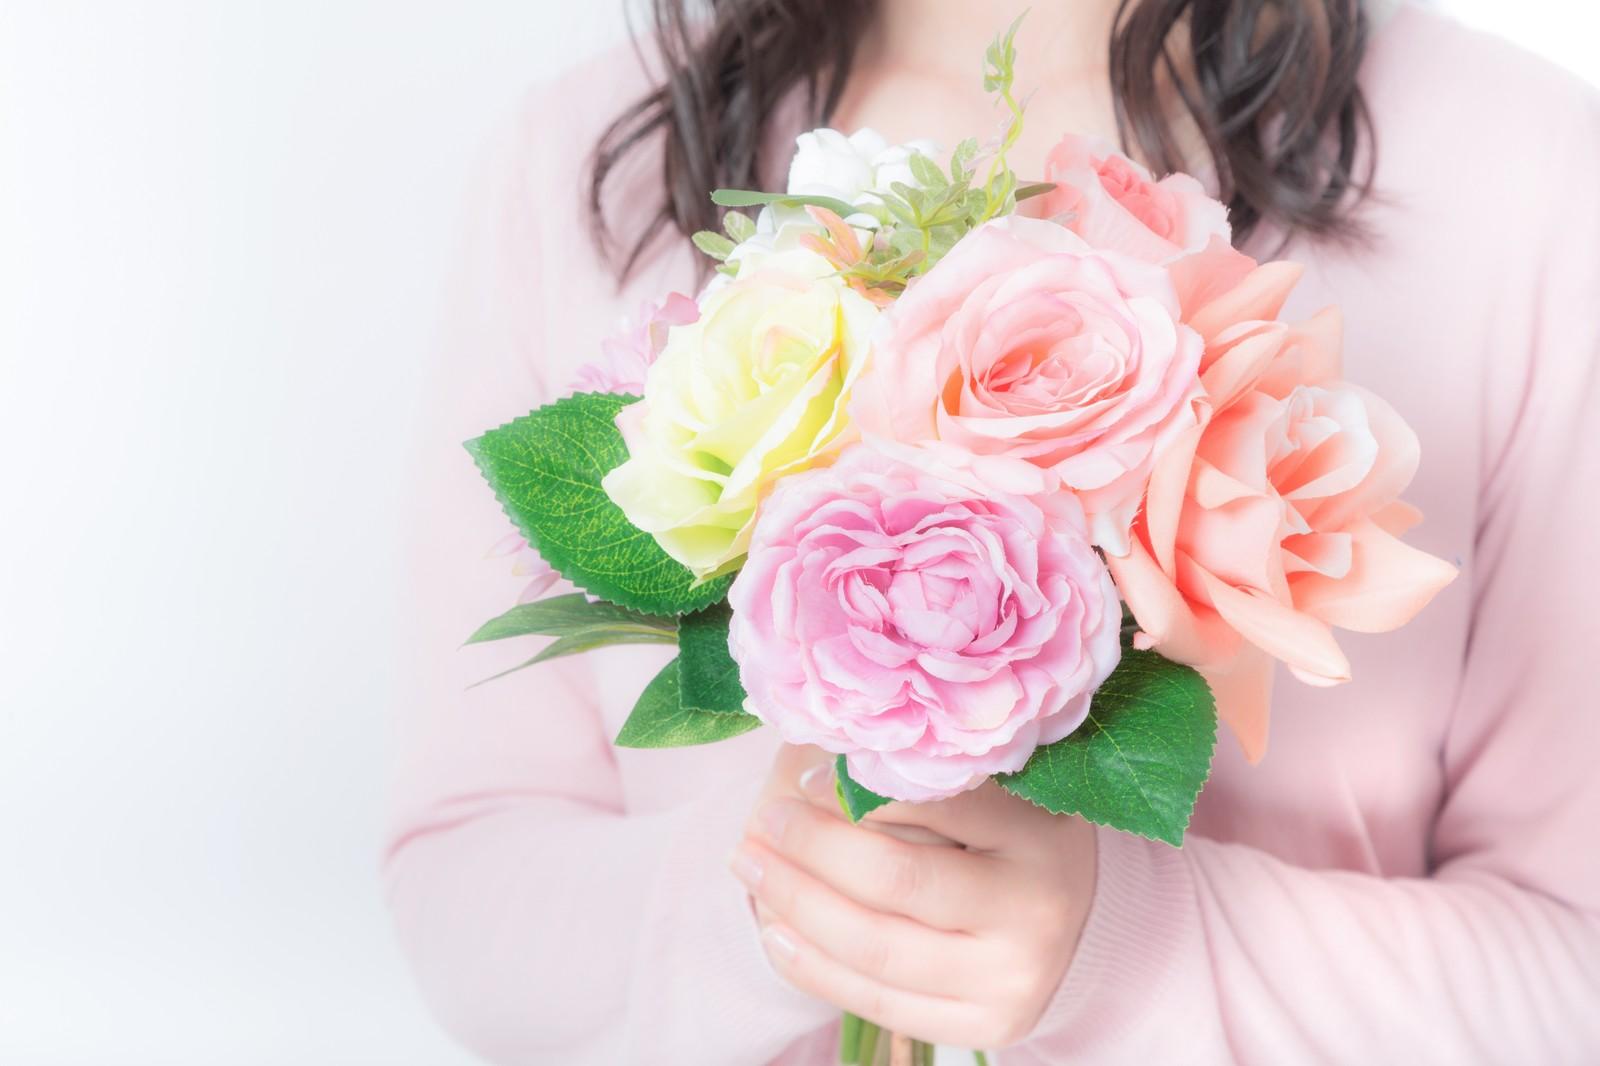 1年内結婚希望者 結婚適齢期応援編